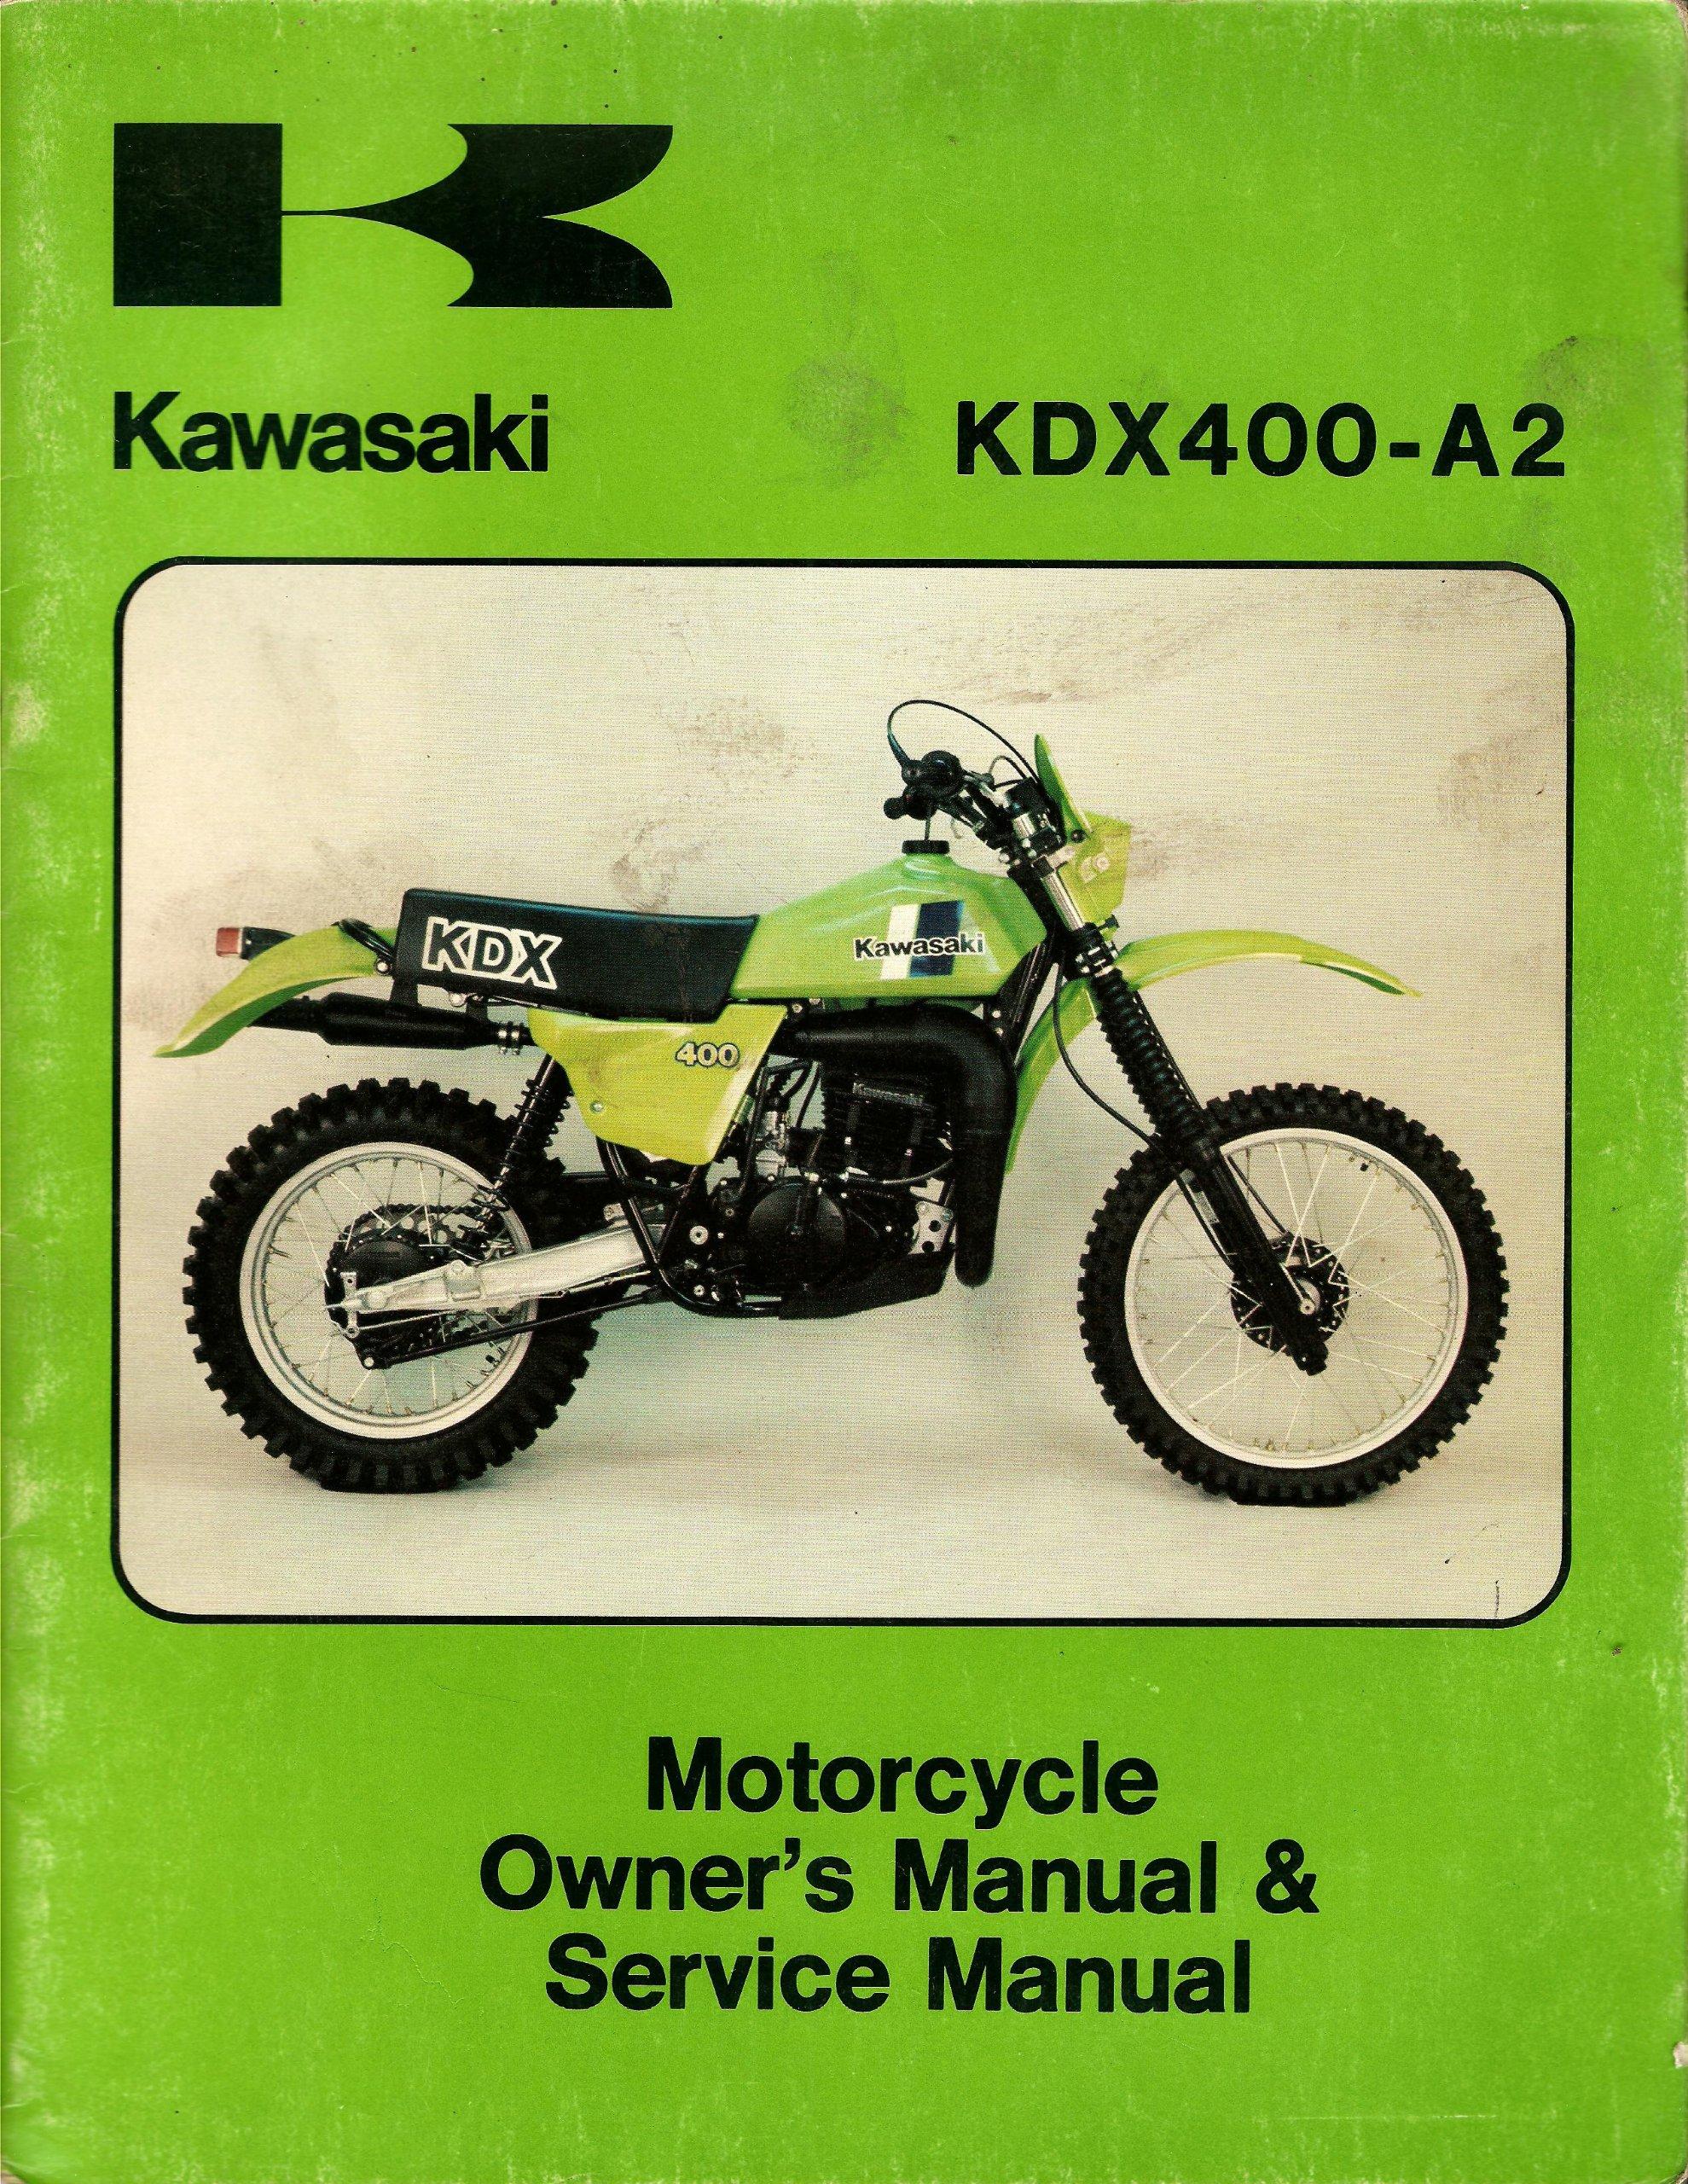 kawasaki kdx 400 a2 motorcycle owner s manual and service manual rh amazon com